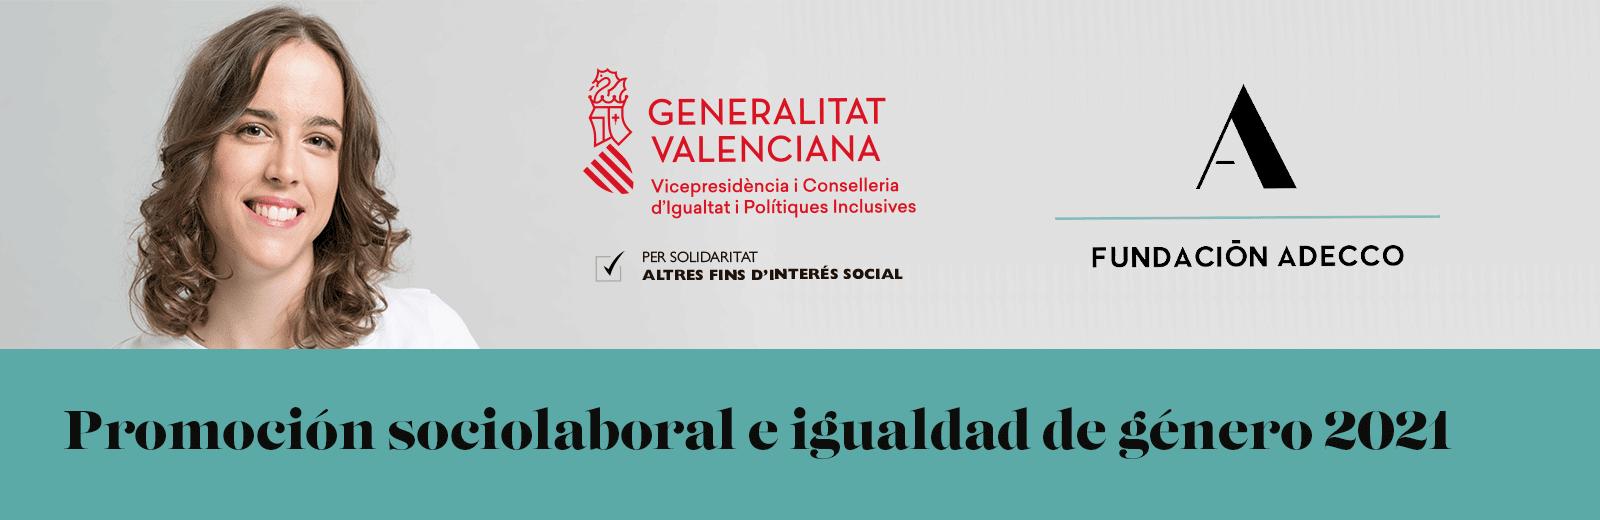 promoción sociolaboral e igualdad de género